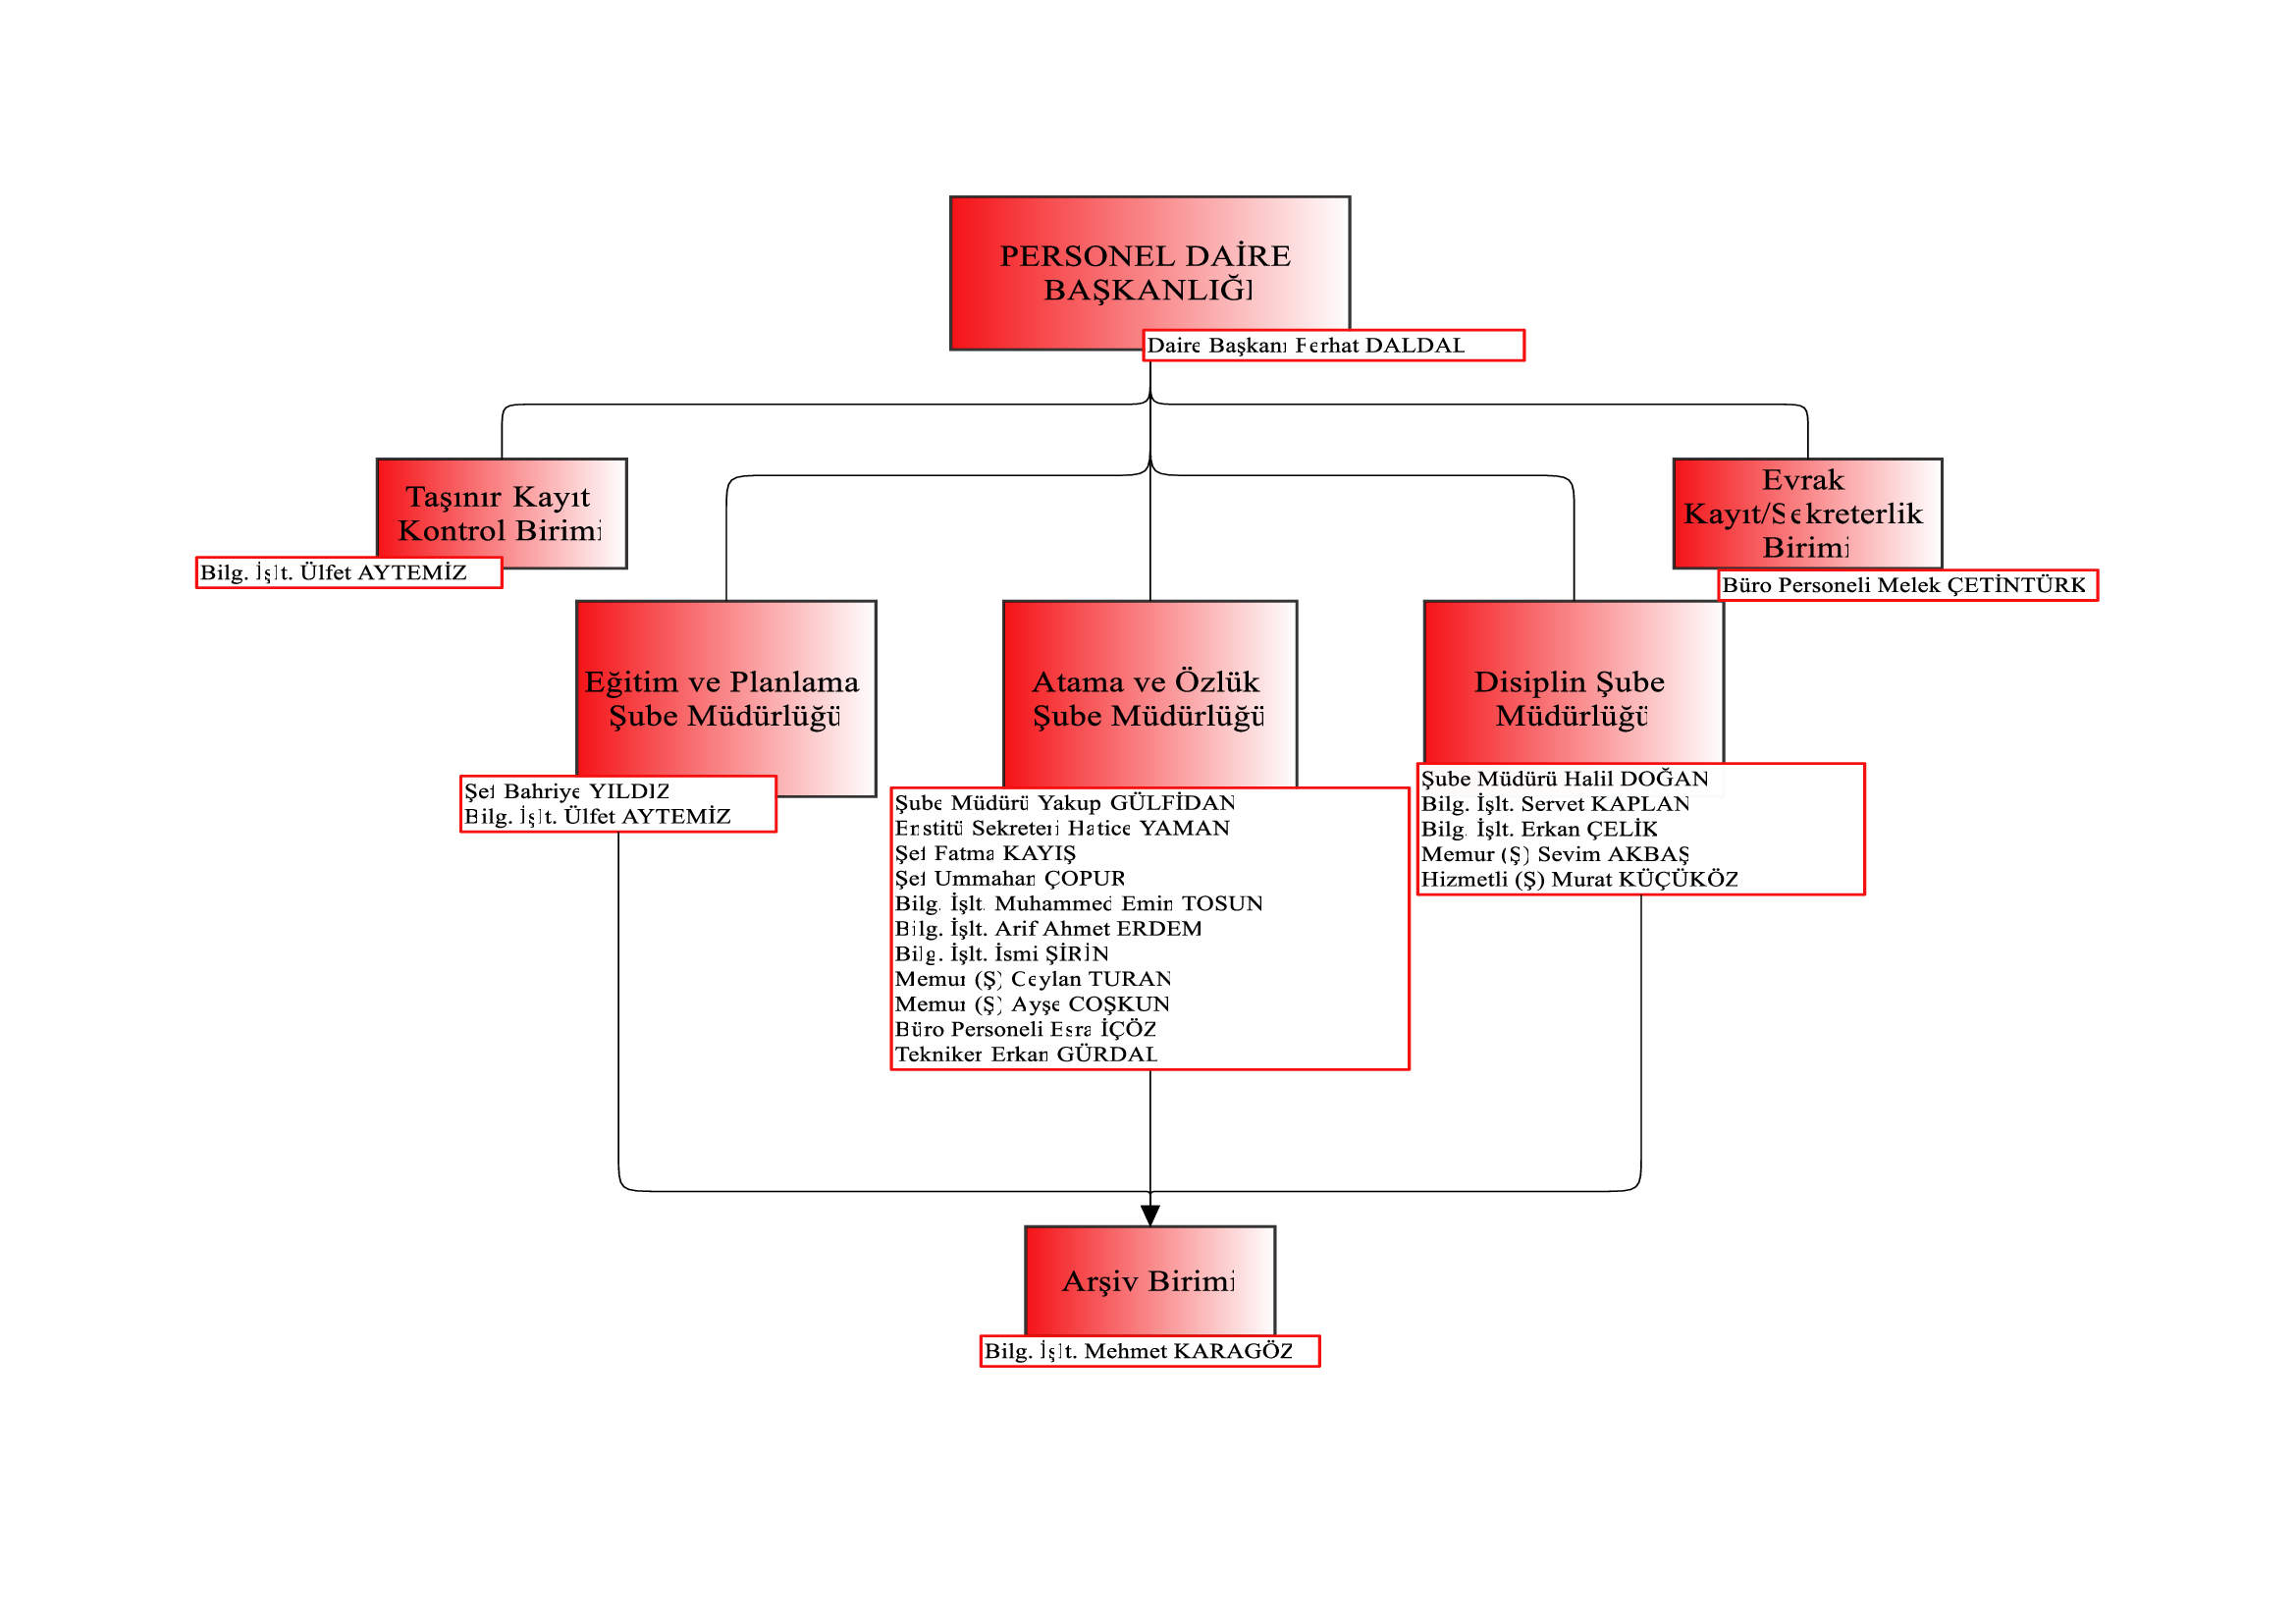 Başkanlık Personeli Organizasyon Şeması